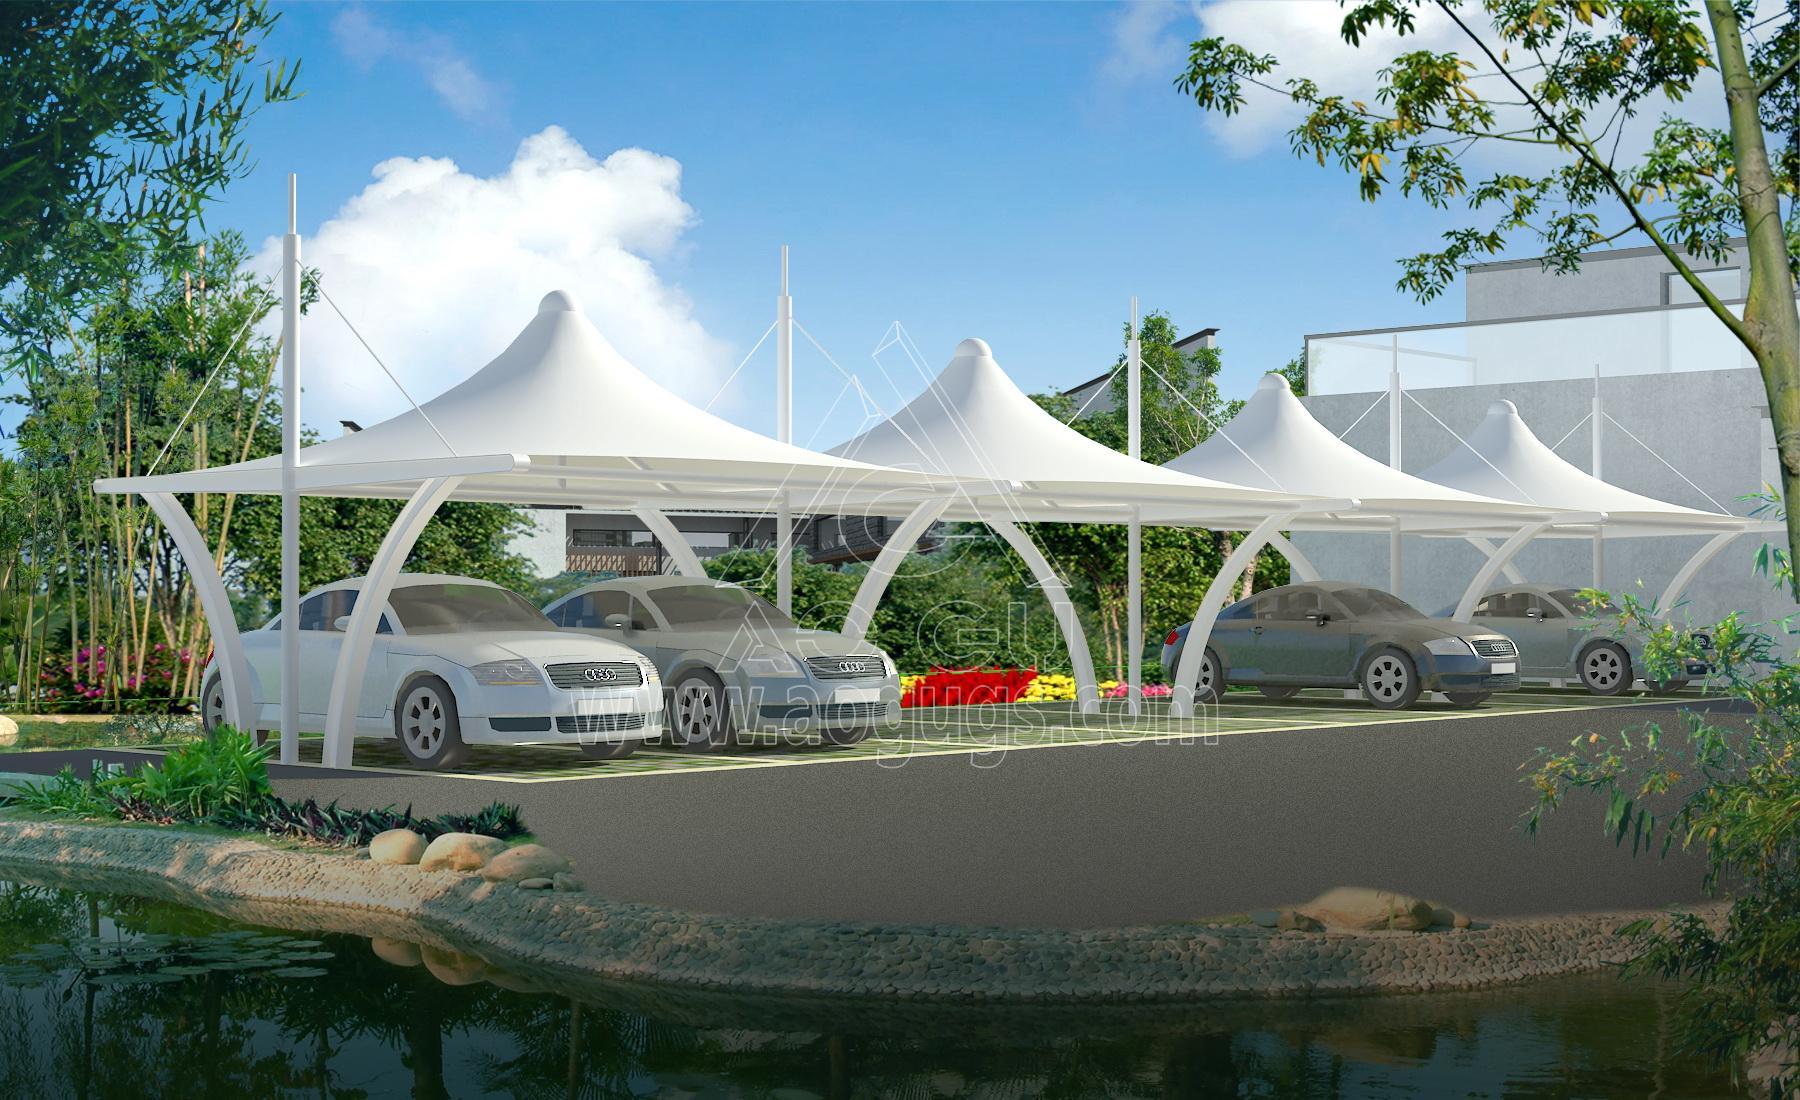 膜结构汽车停车棚全套效果图片大全产品演示图1